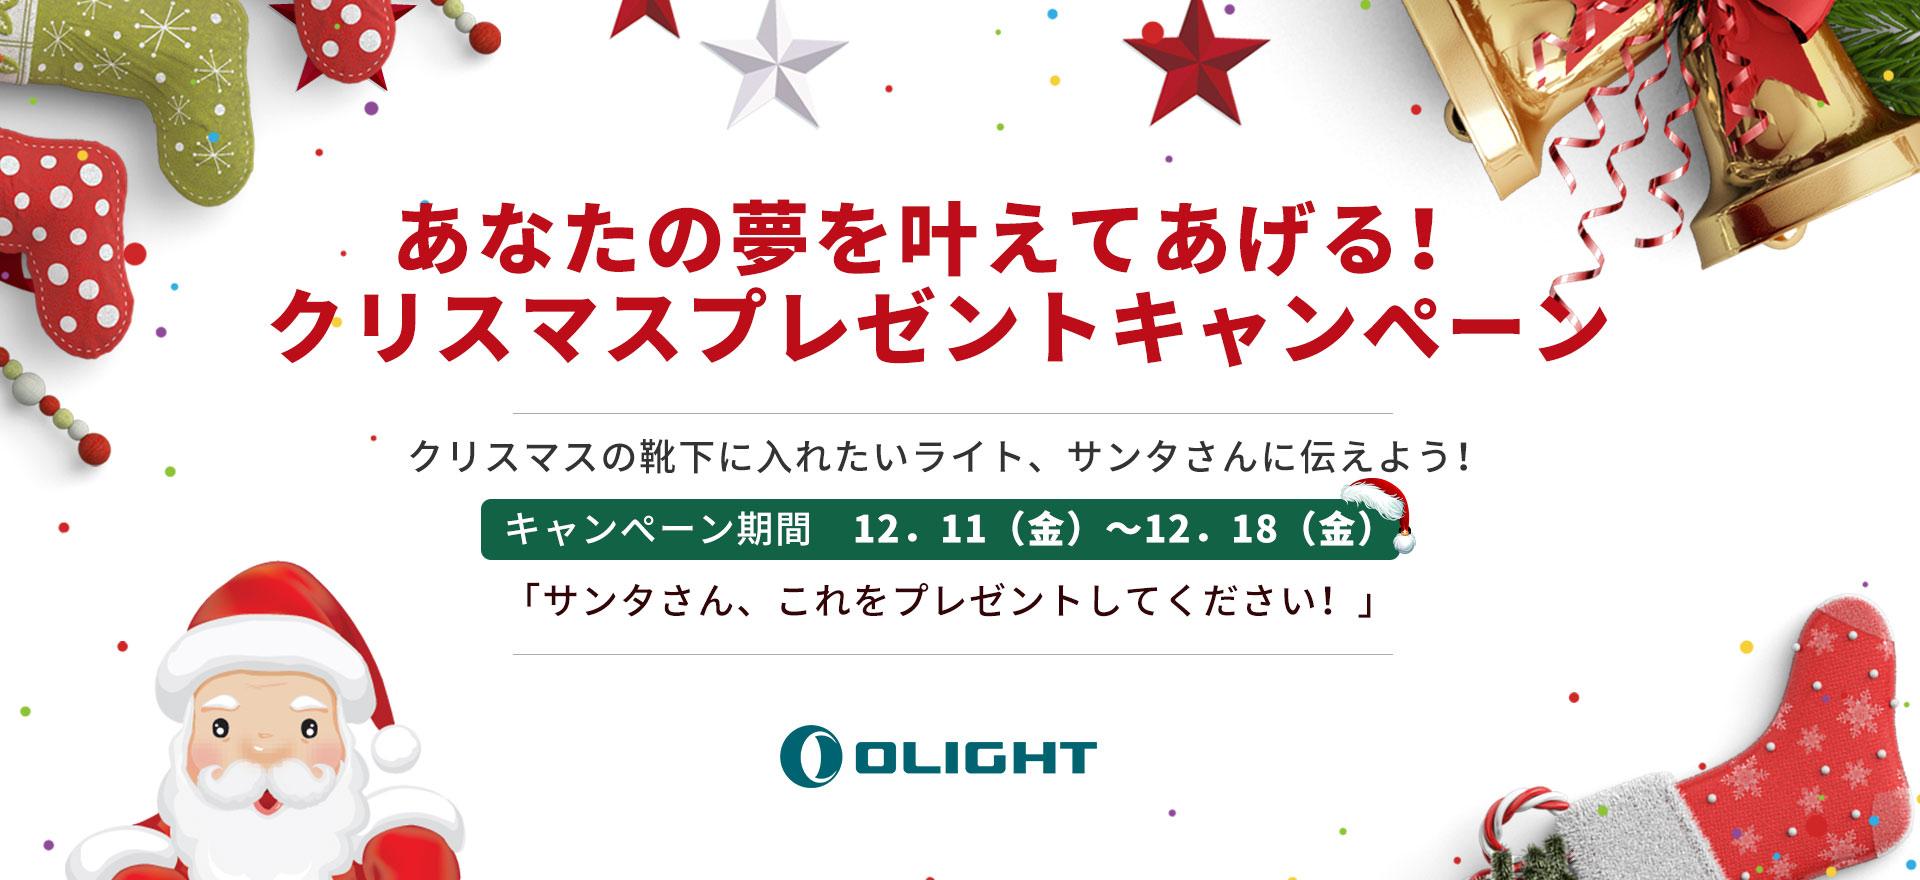 クリスマス プレセントキャンペーン